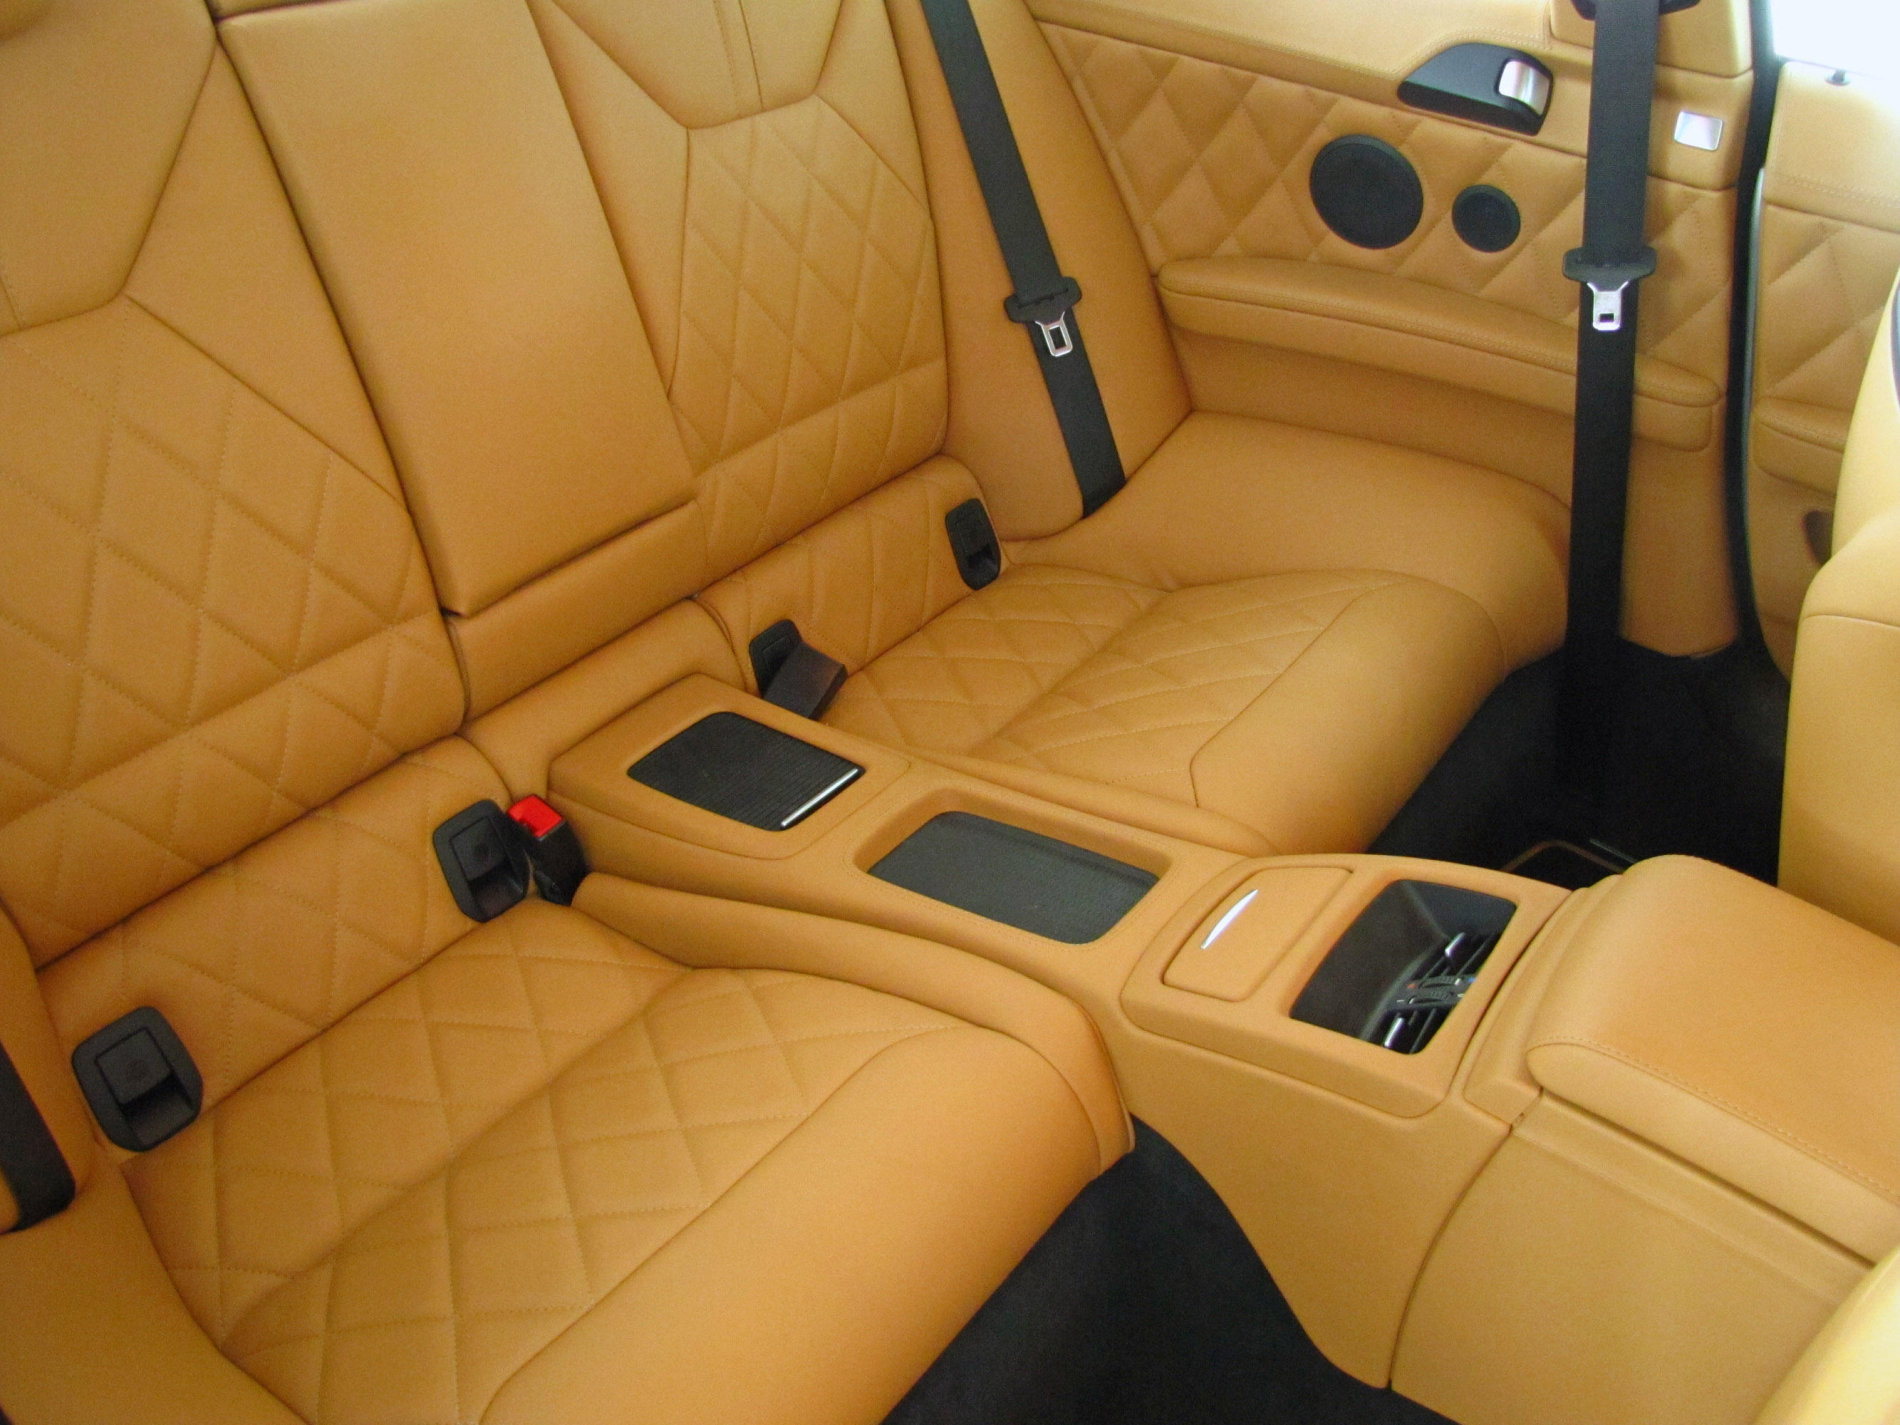 BMW M3 E92 cu motor V10 sub capota - BMW M3 E92 cu motor V10 sub capota